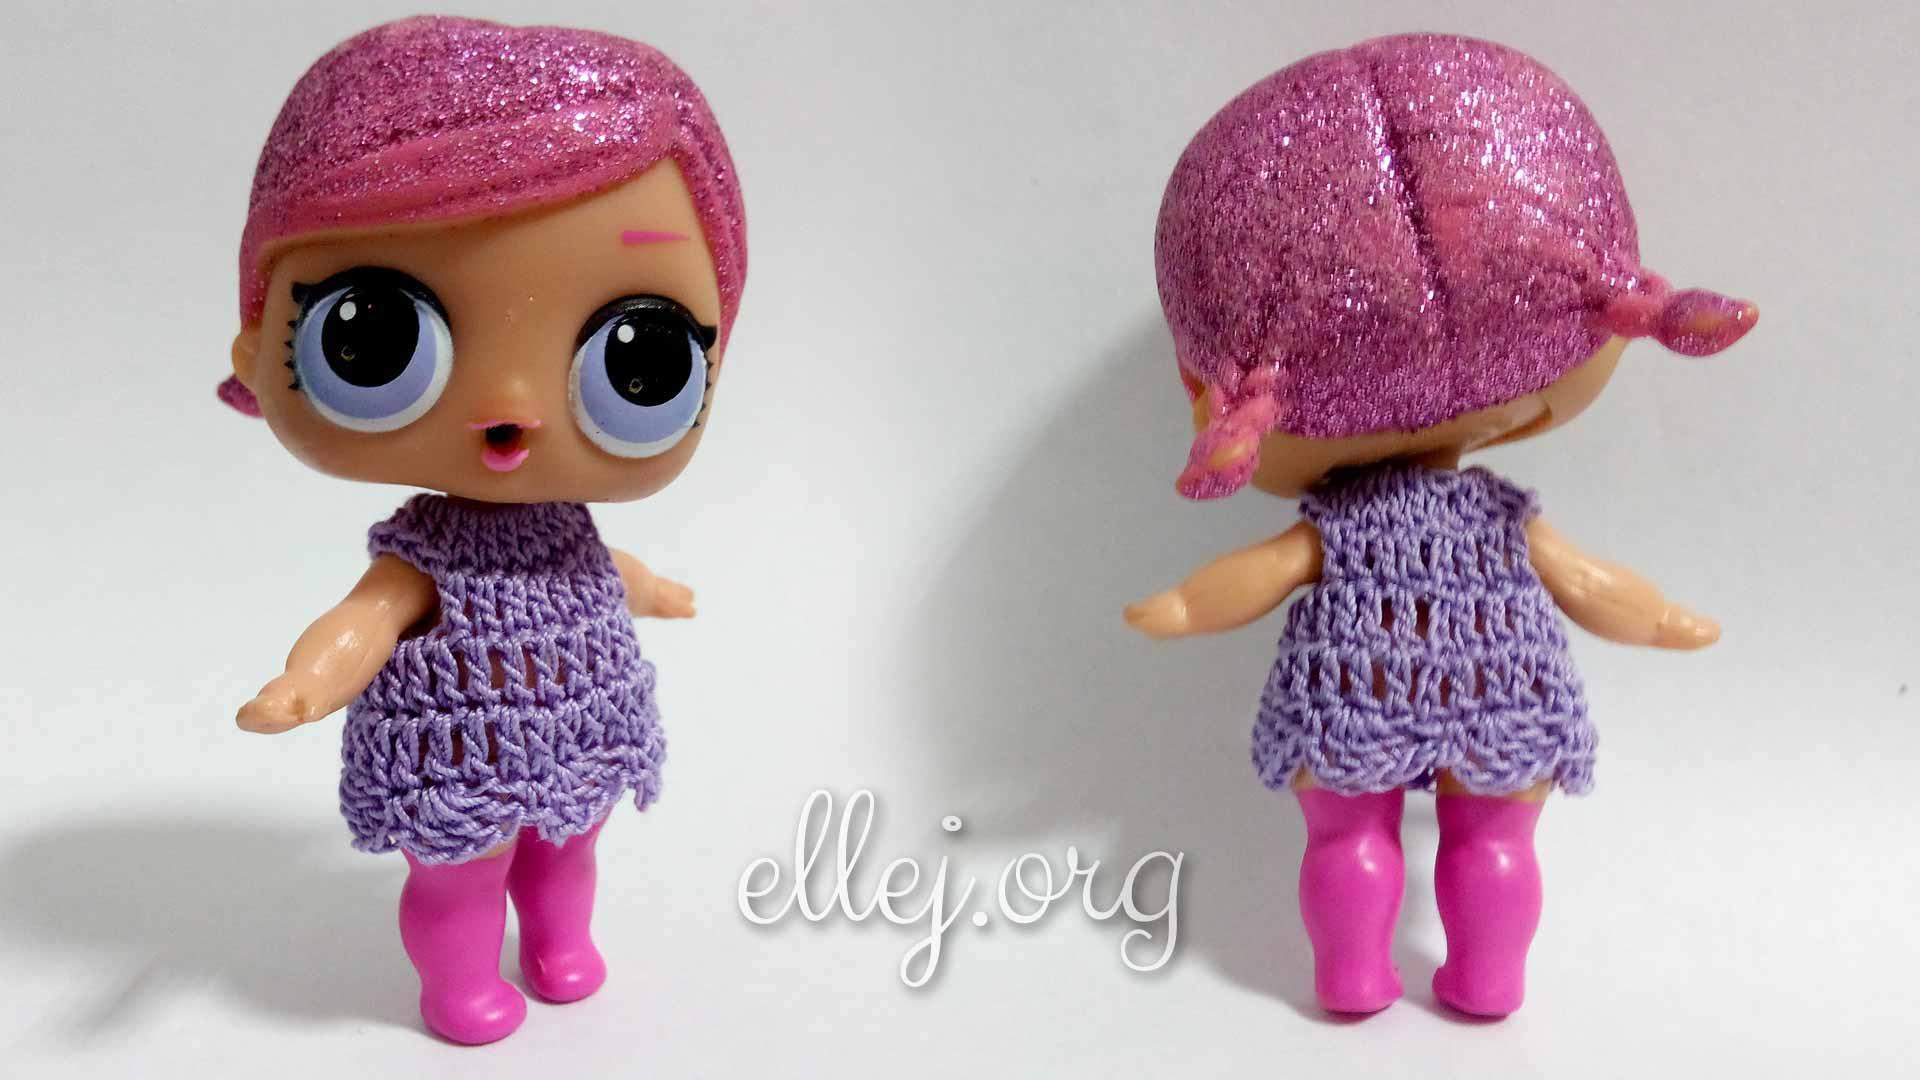 Крохотное платье для куклы L.O.L. крючком